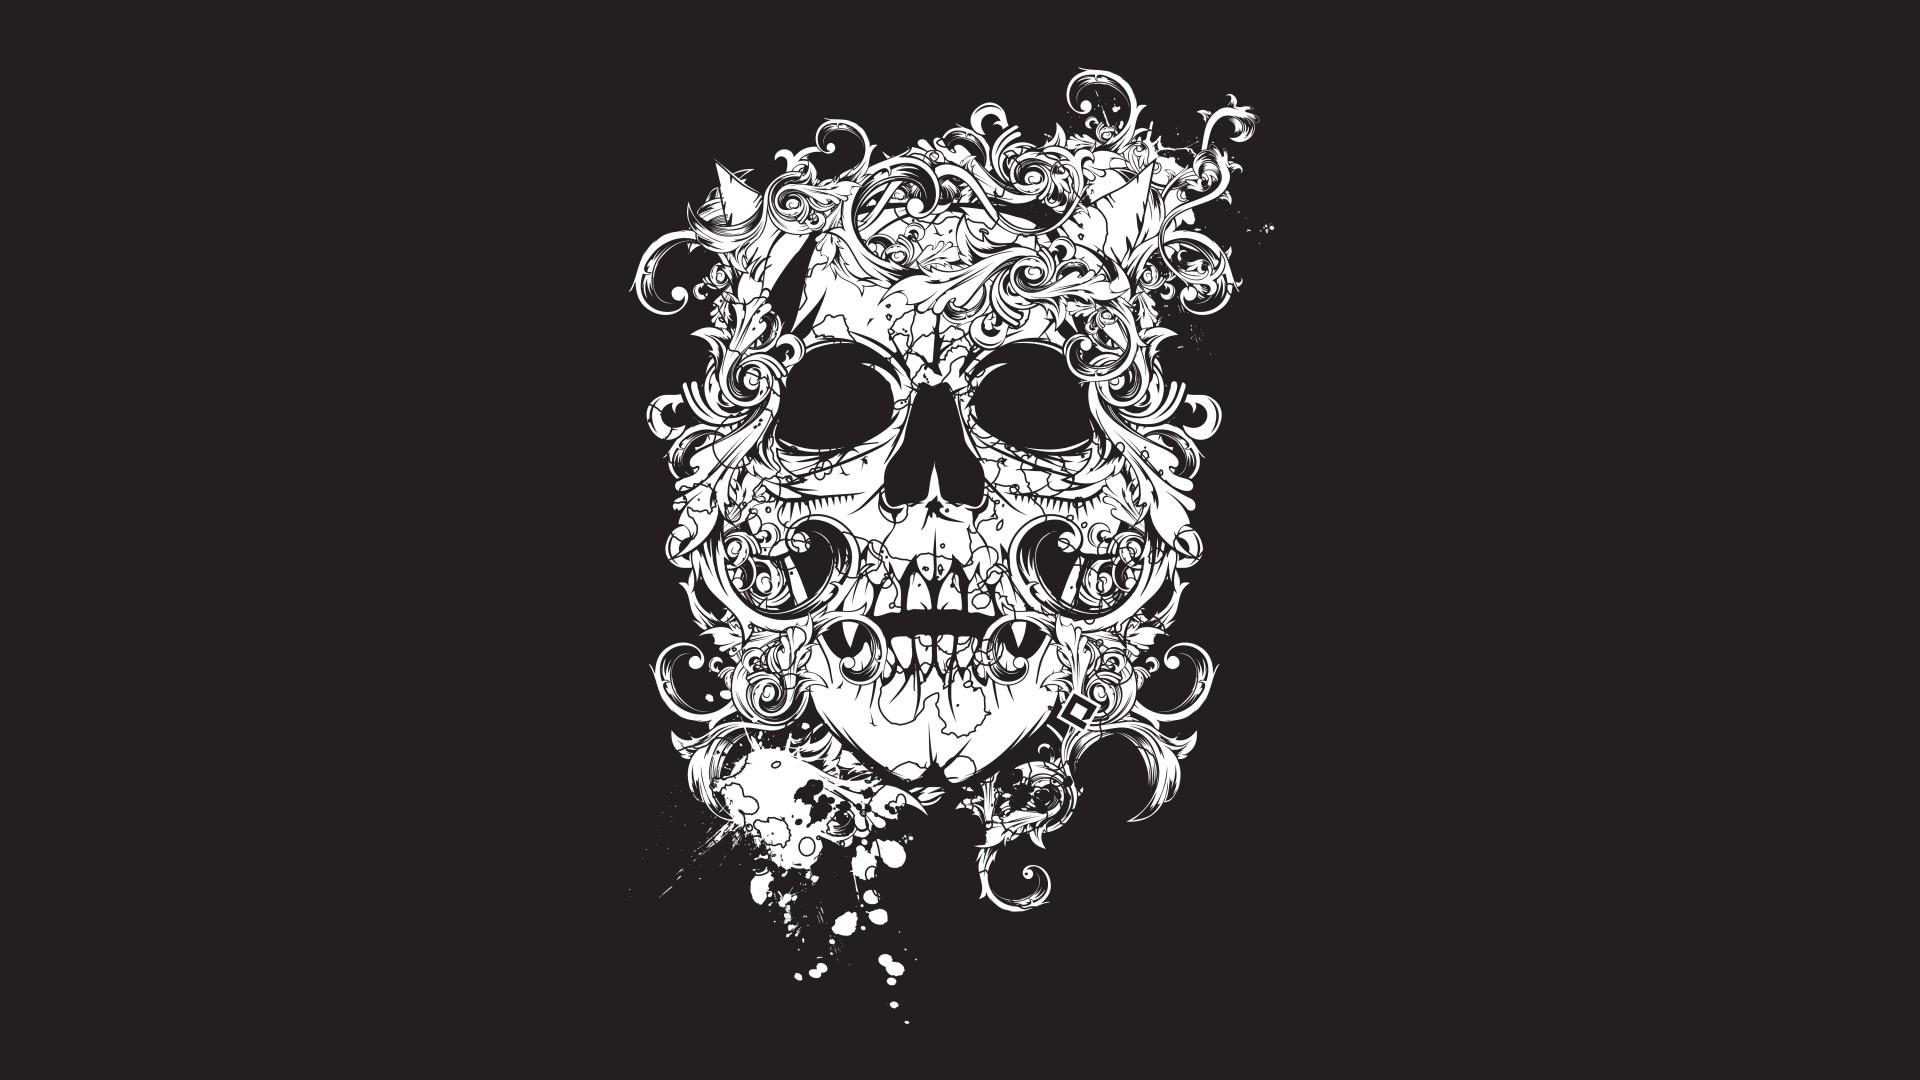 картинки черепа тату для рабочего стола меня тобольск